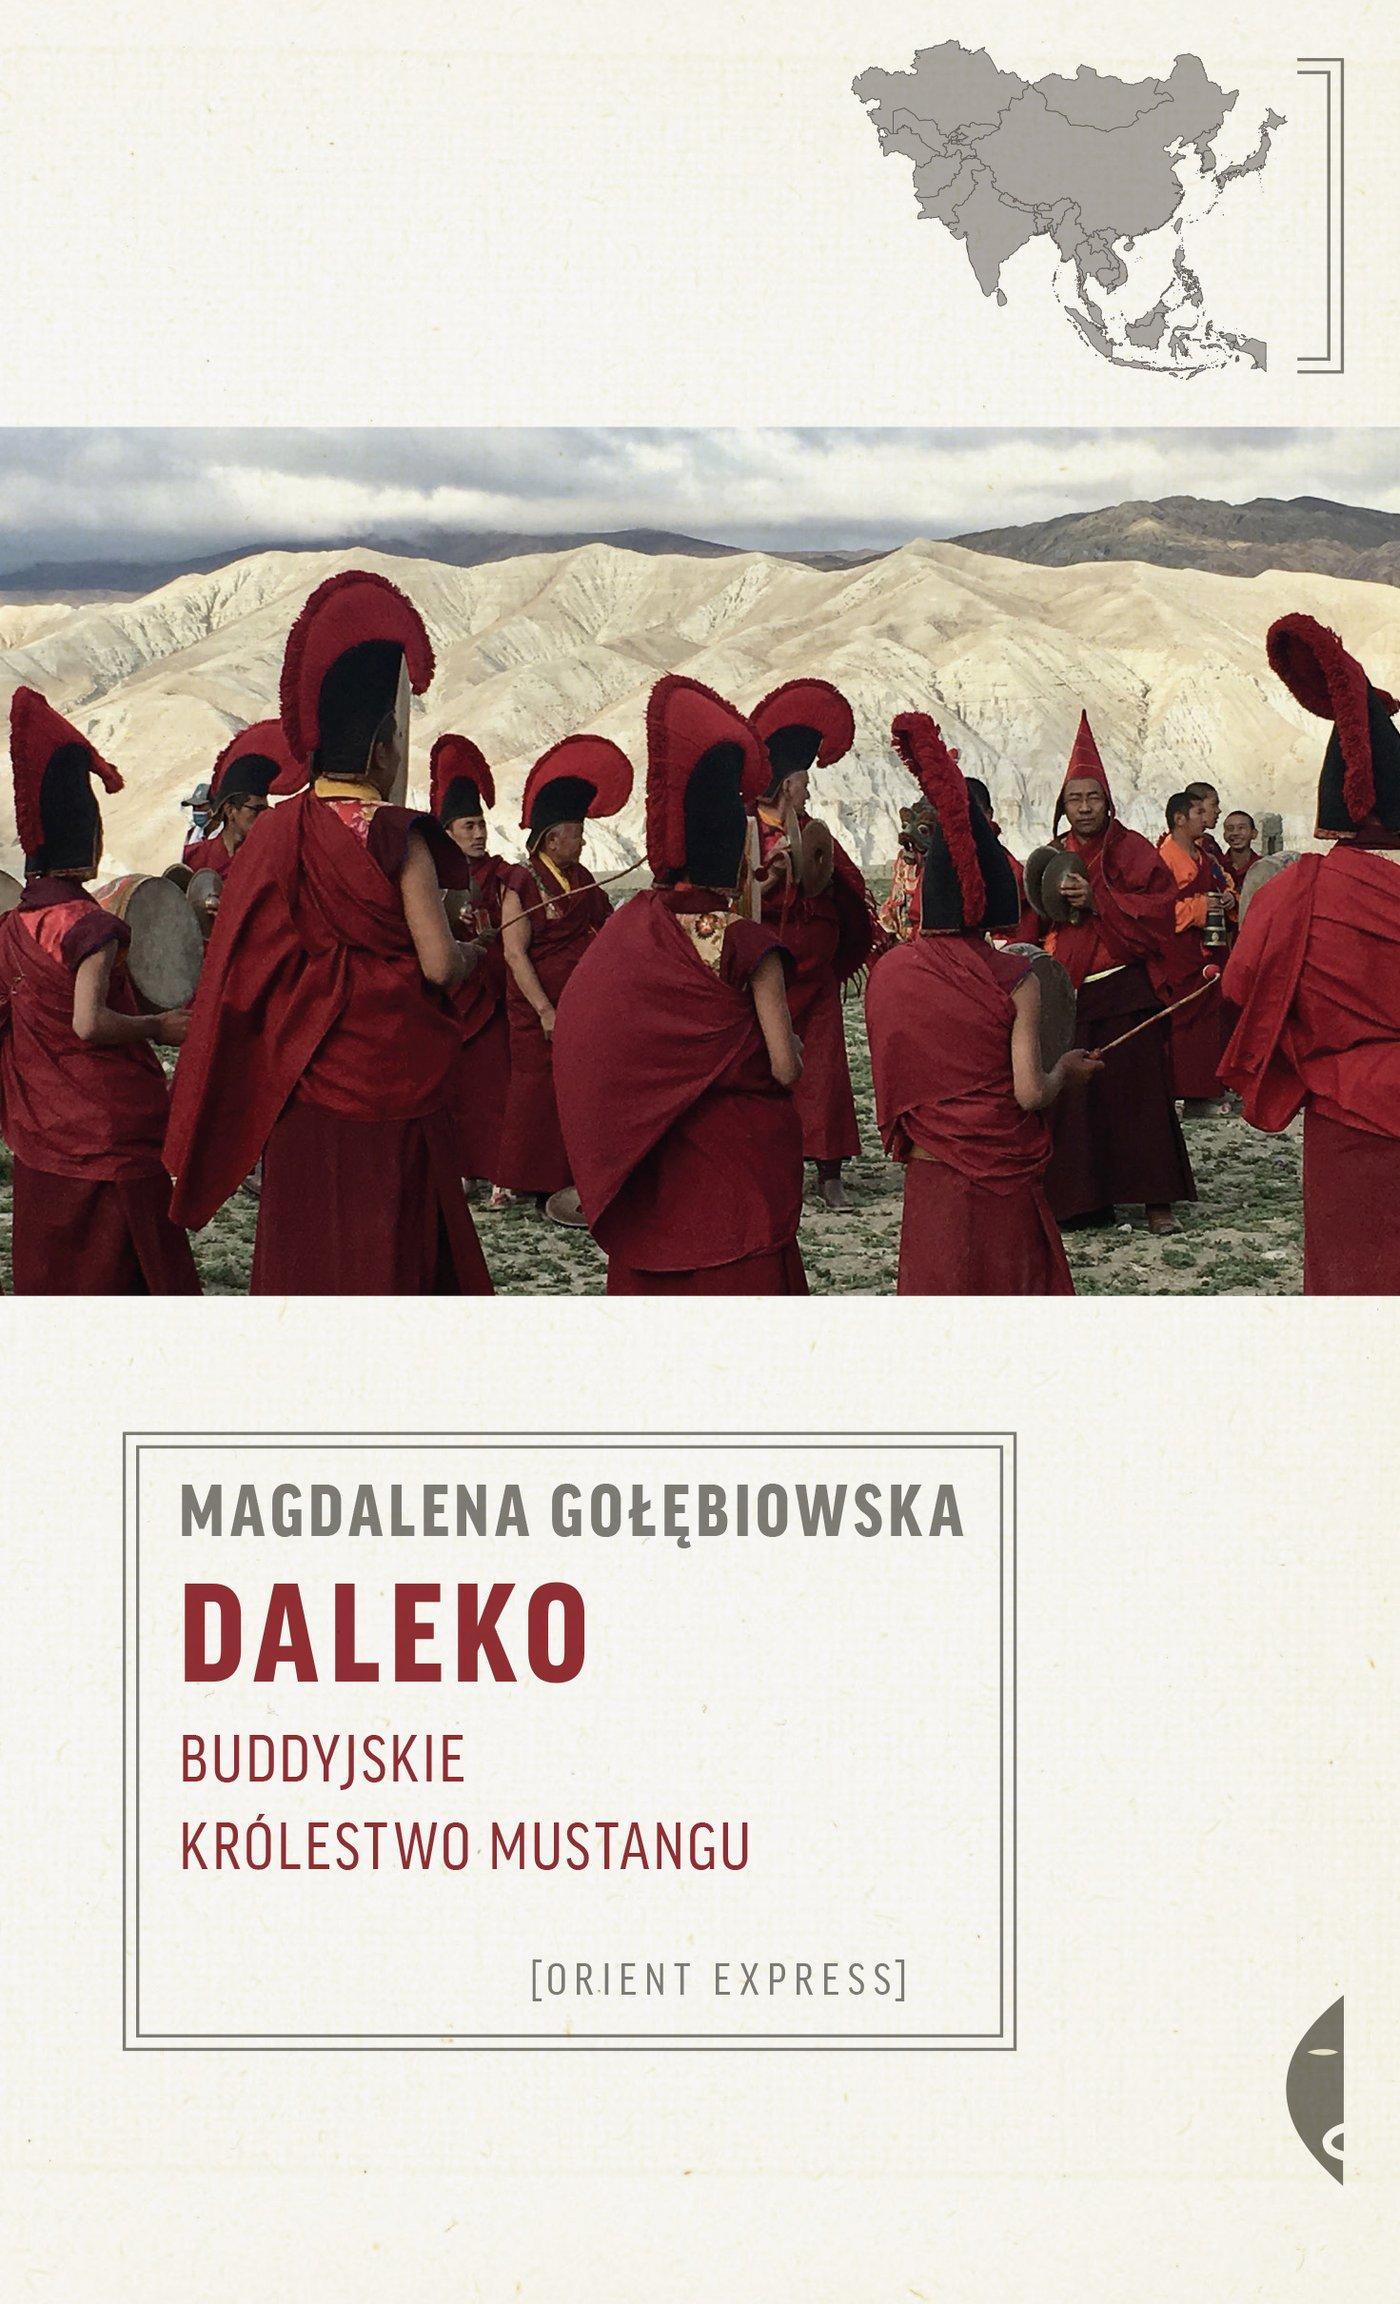 Daleko - Ebook (Książka EPUB) do pobrania w formacie EPUB